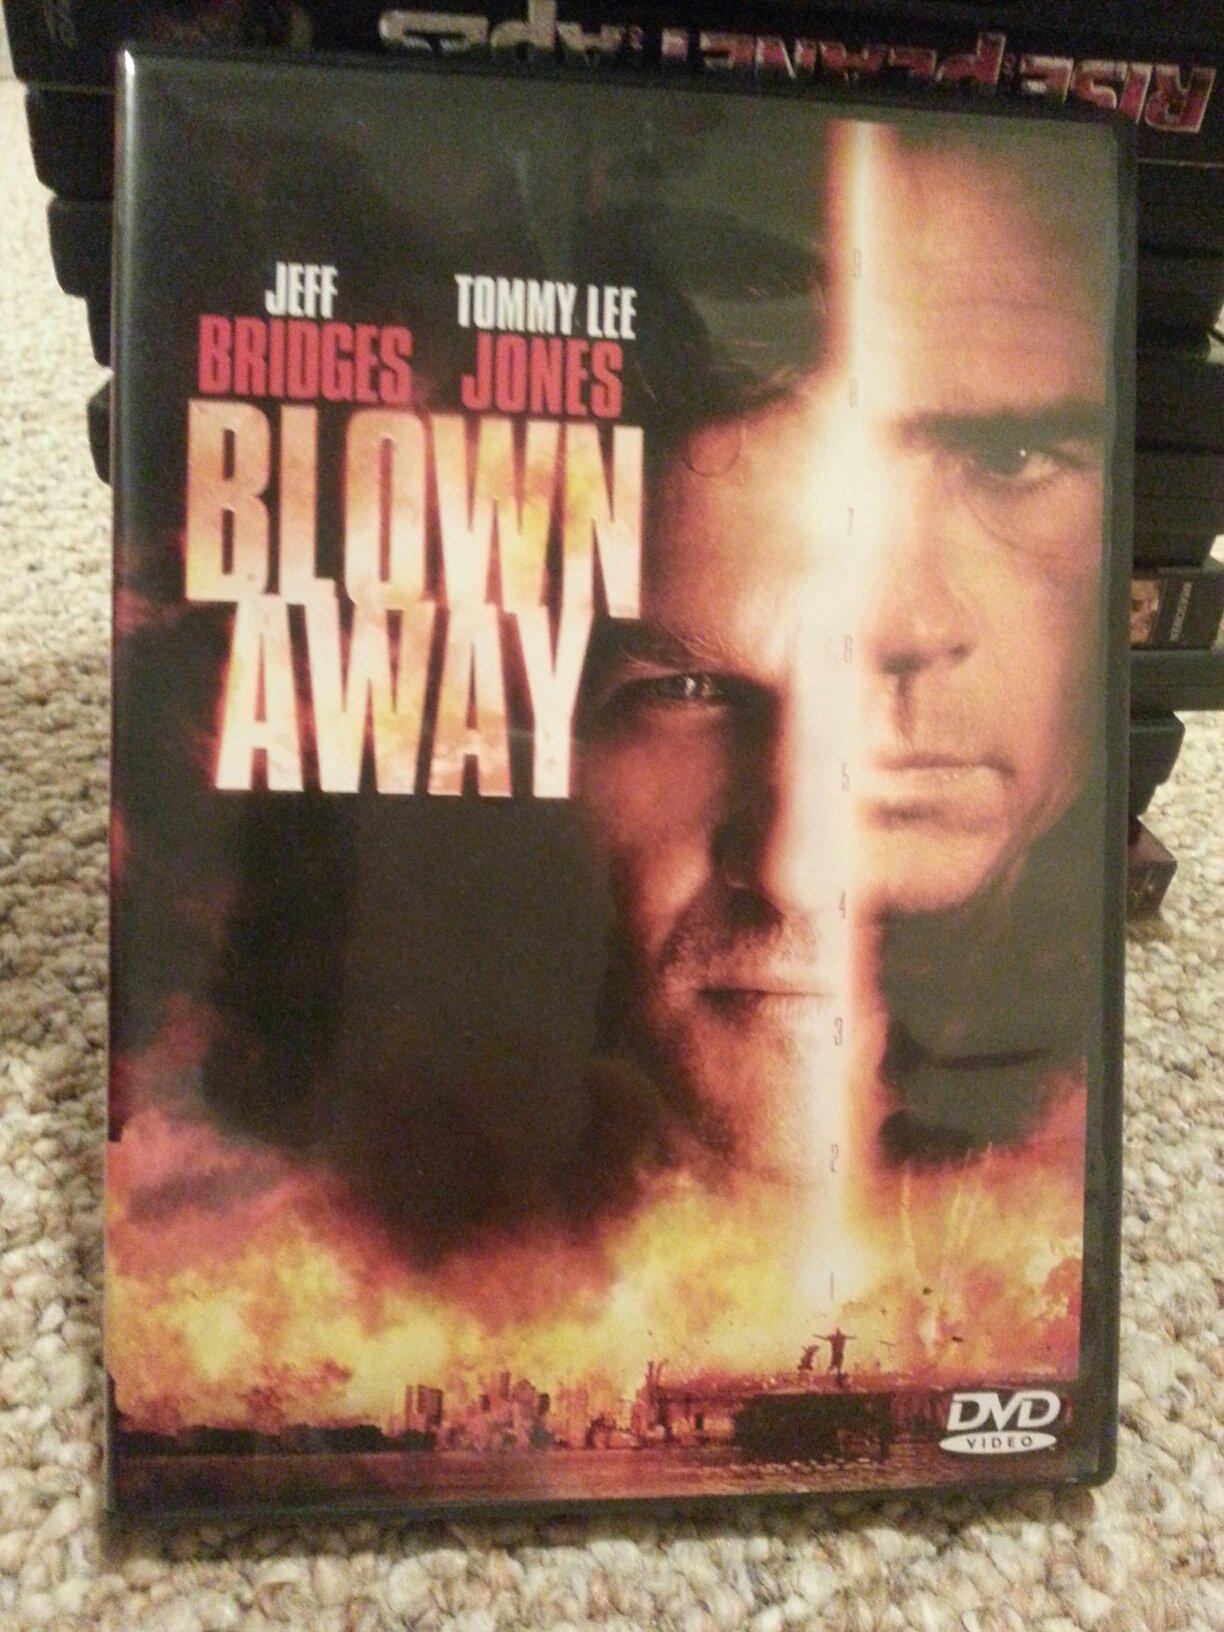 DVD : Blown Away